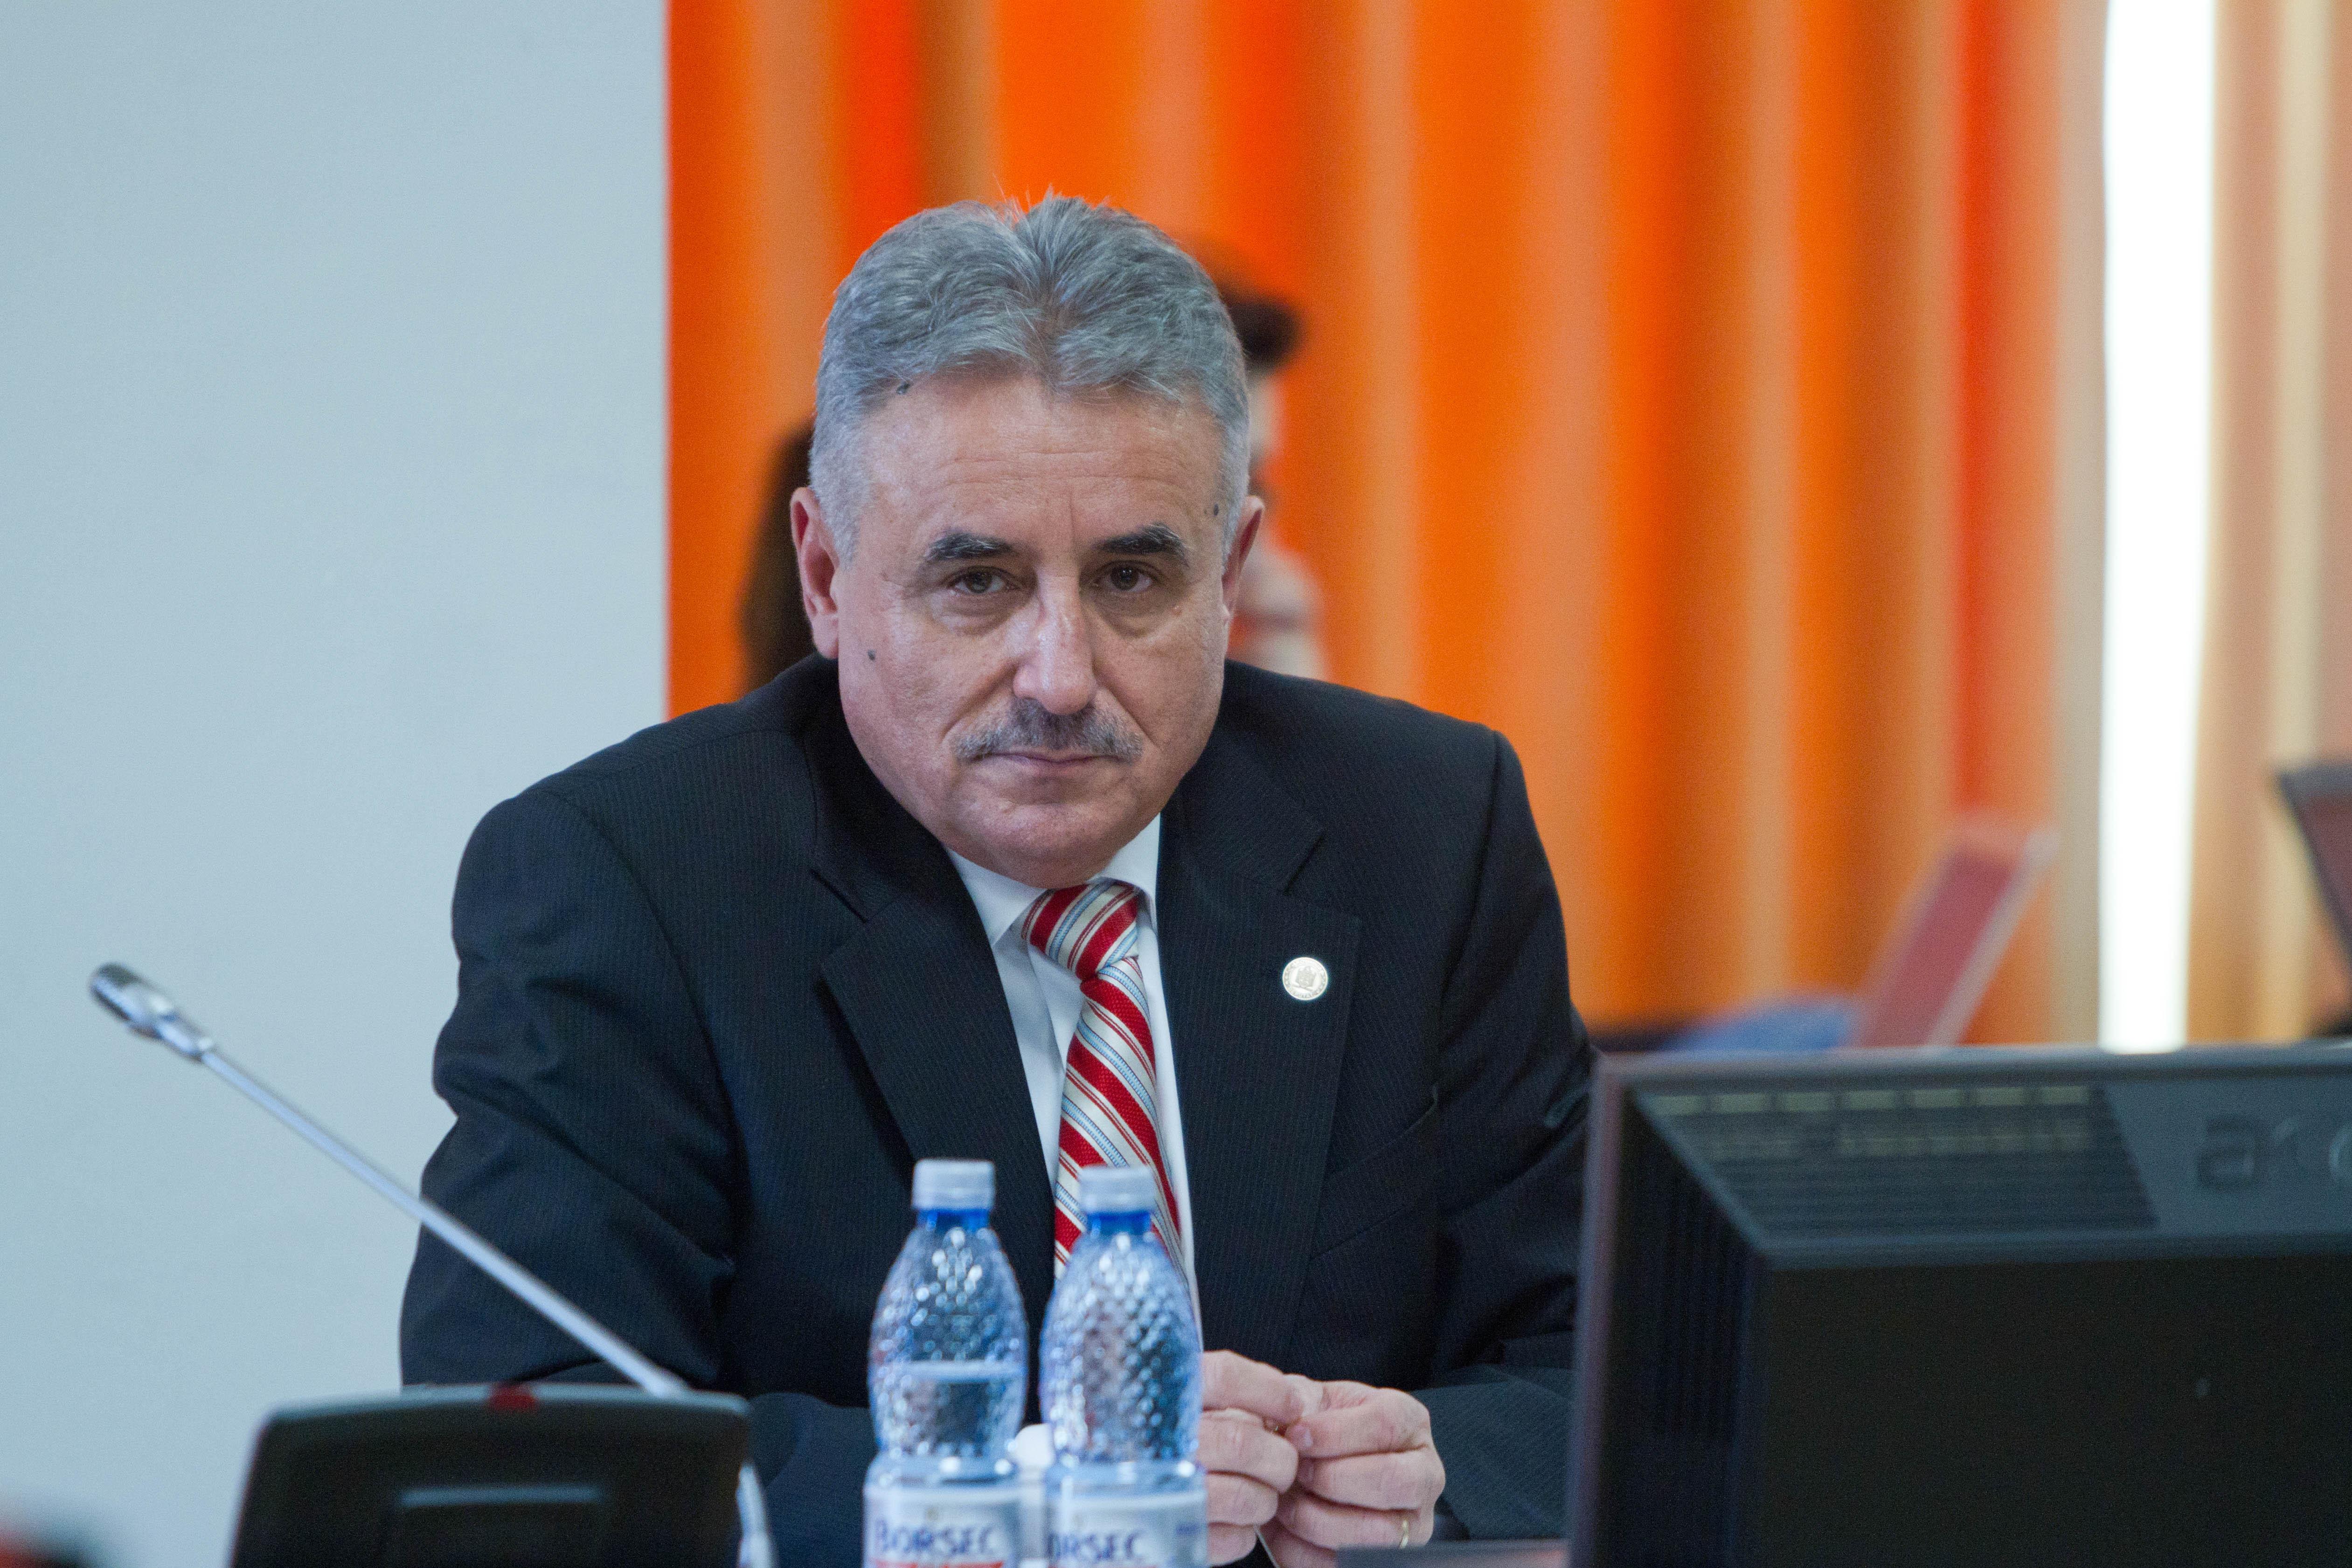 EXCLUSIV Preşedintele ANAF, invitat cu o oră înainte, la întâlnirea de la Finanţe cu premierul